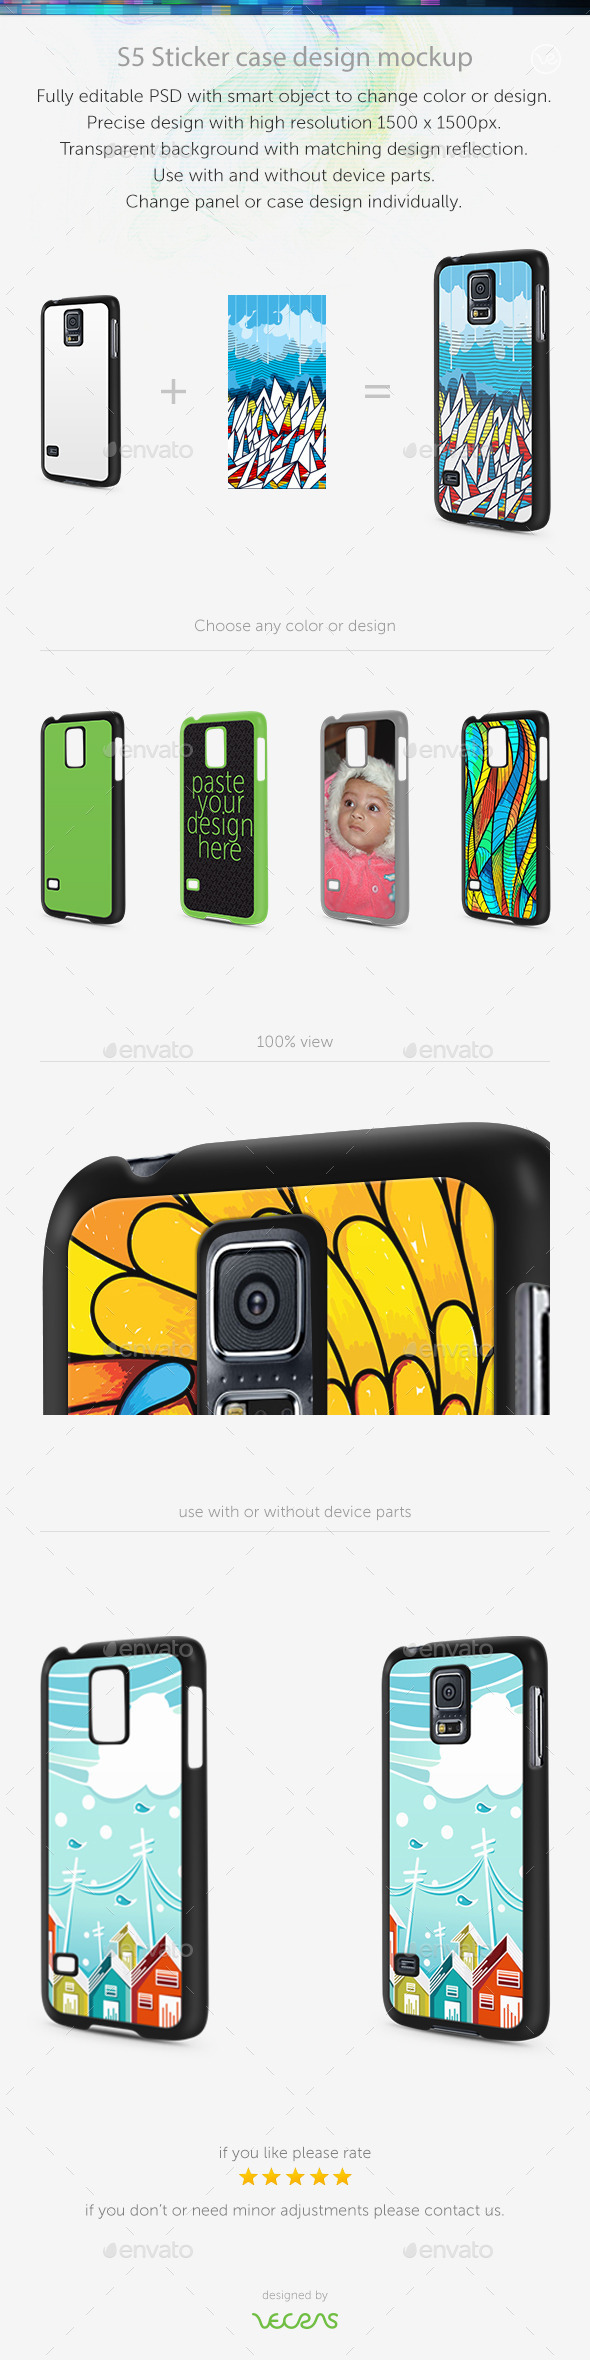 GraphicRiver S5 Sticker Case Design Mockup 10413896